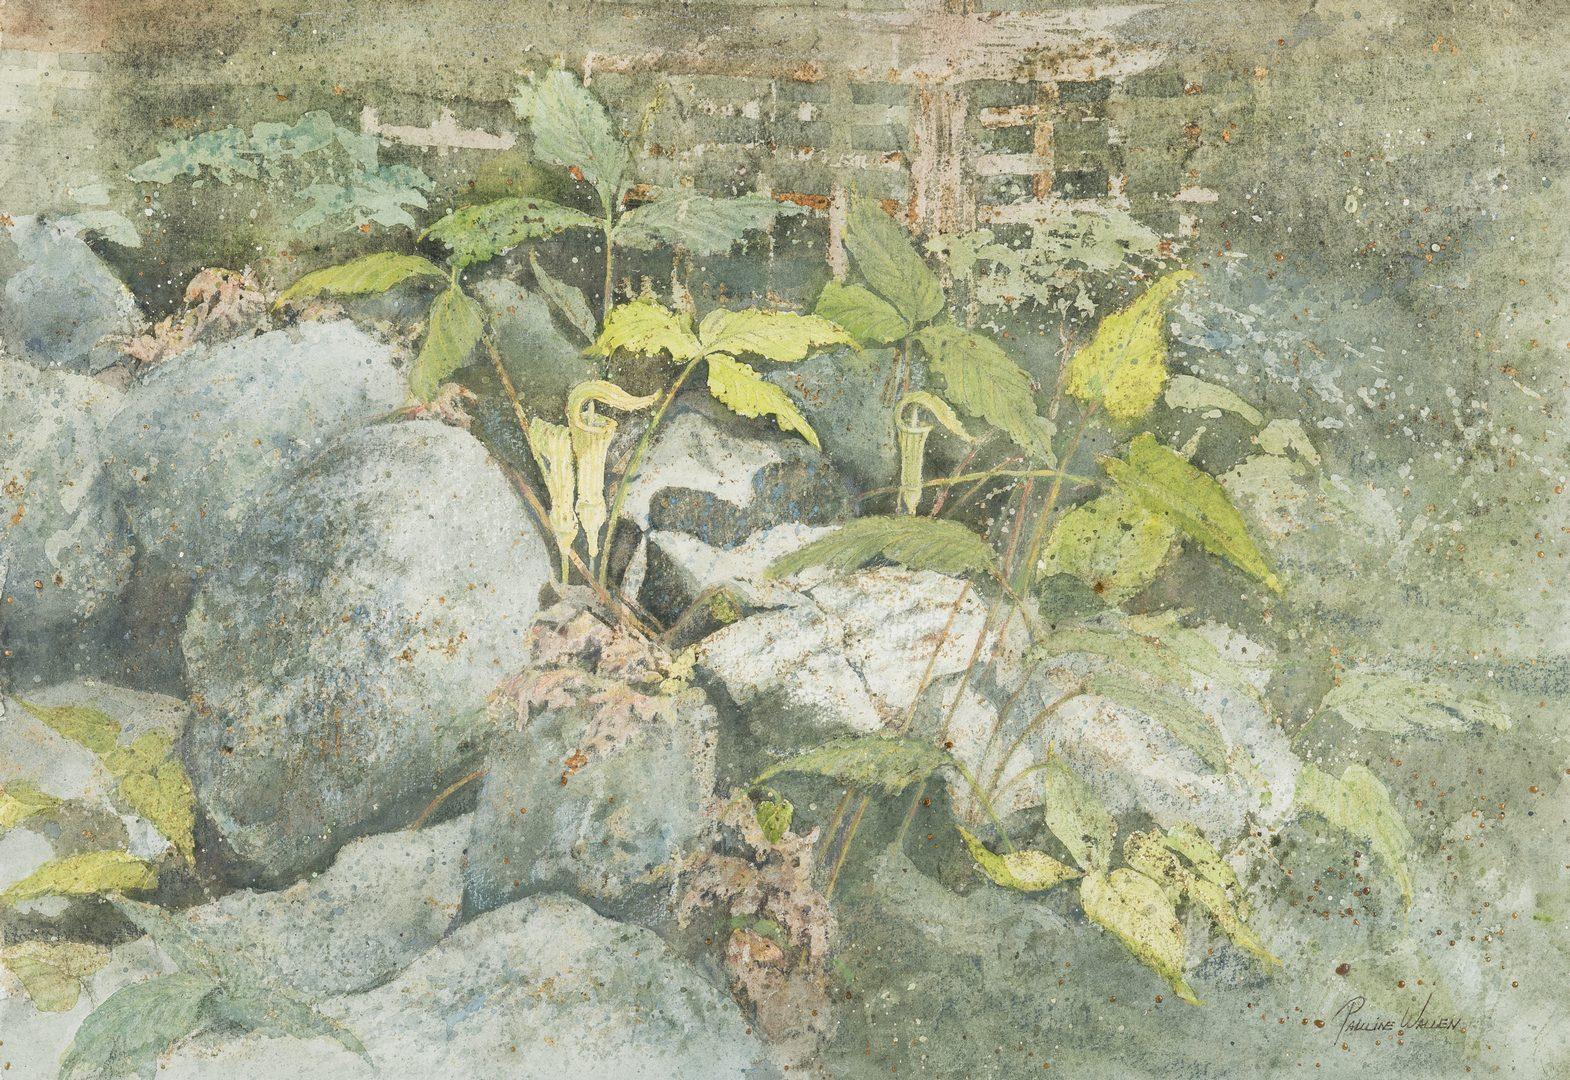 Lot 206: 2 TN Watercolors by Wallen & Ironside